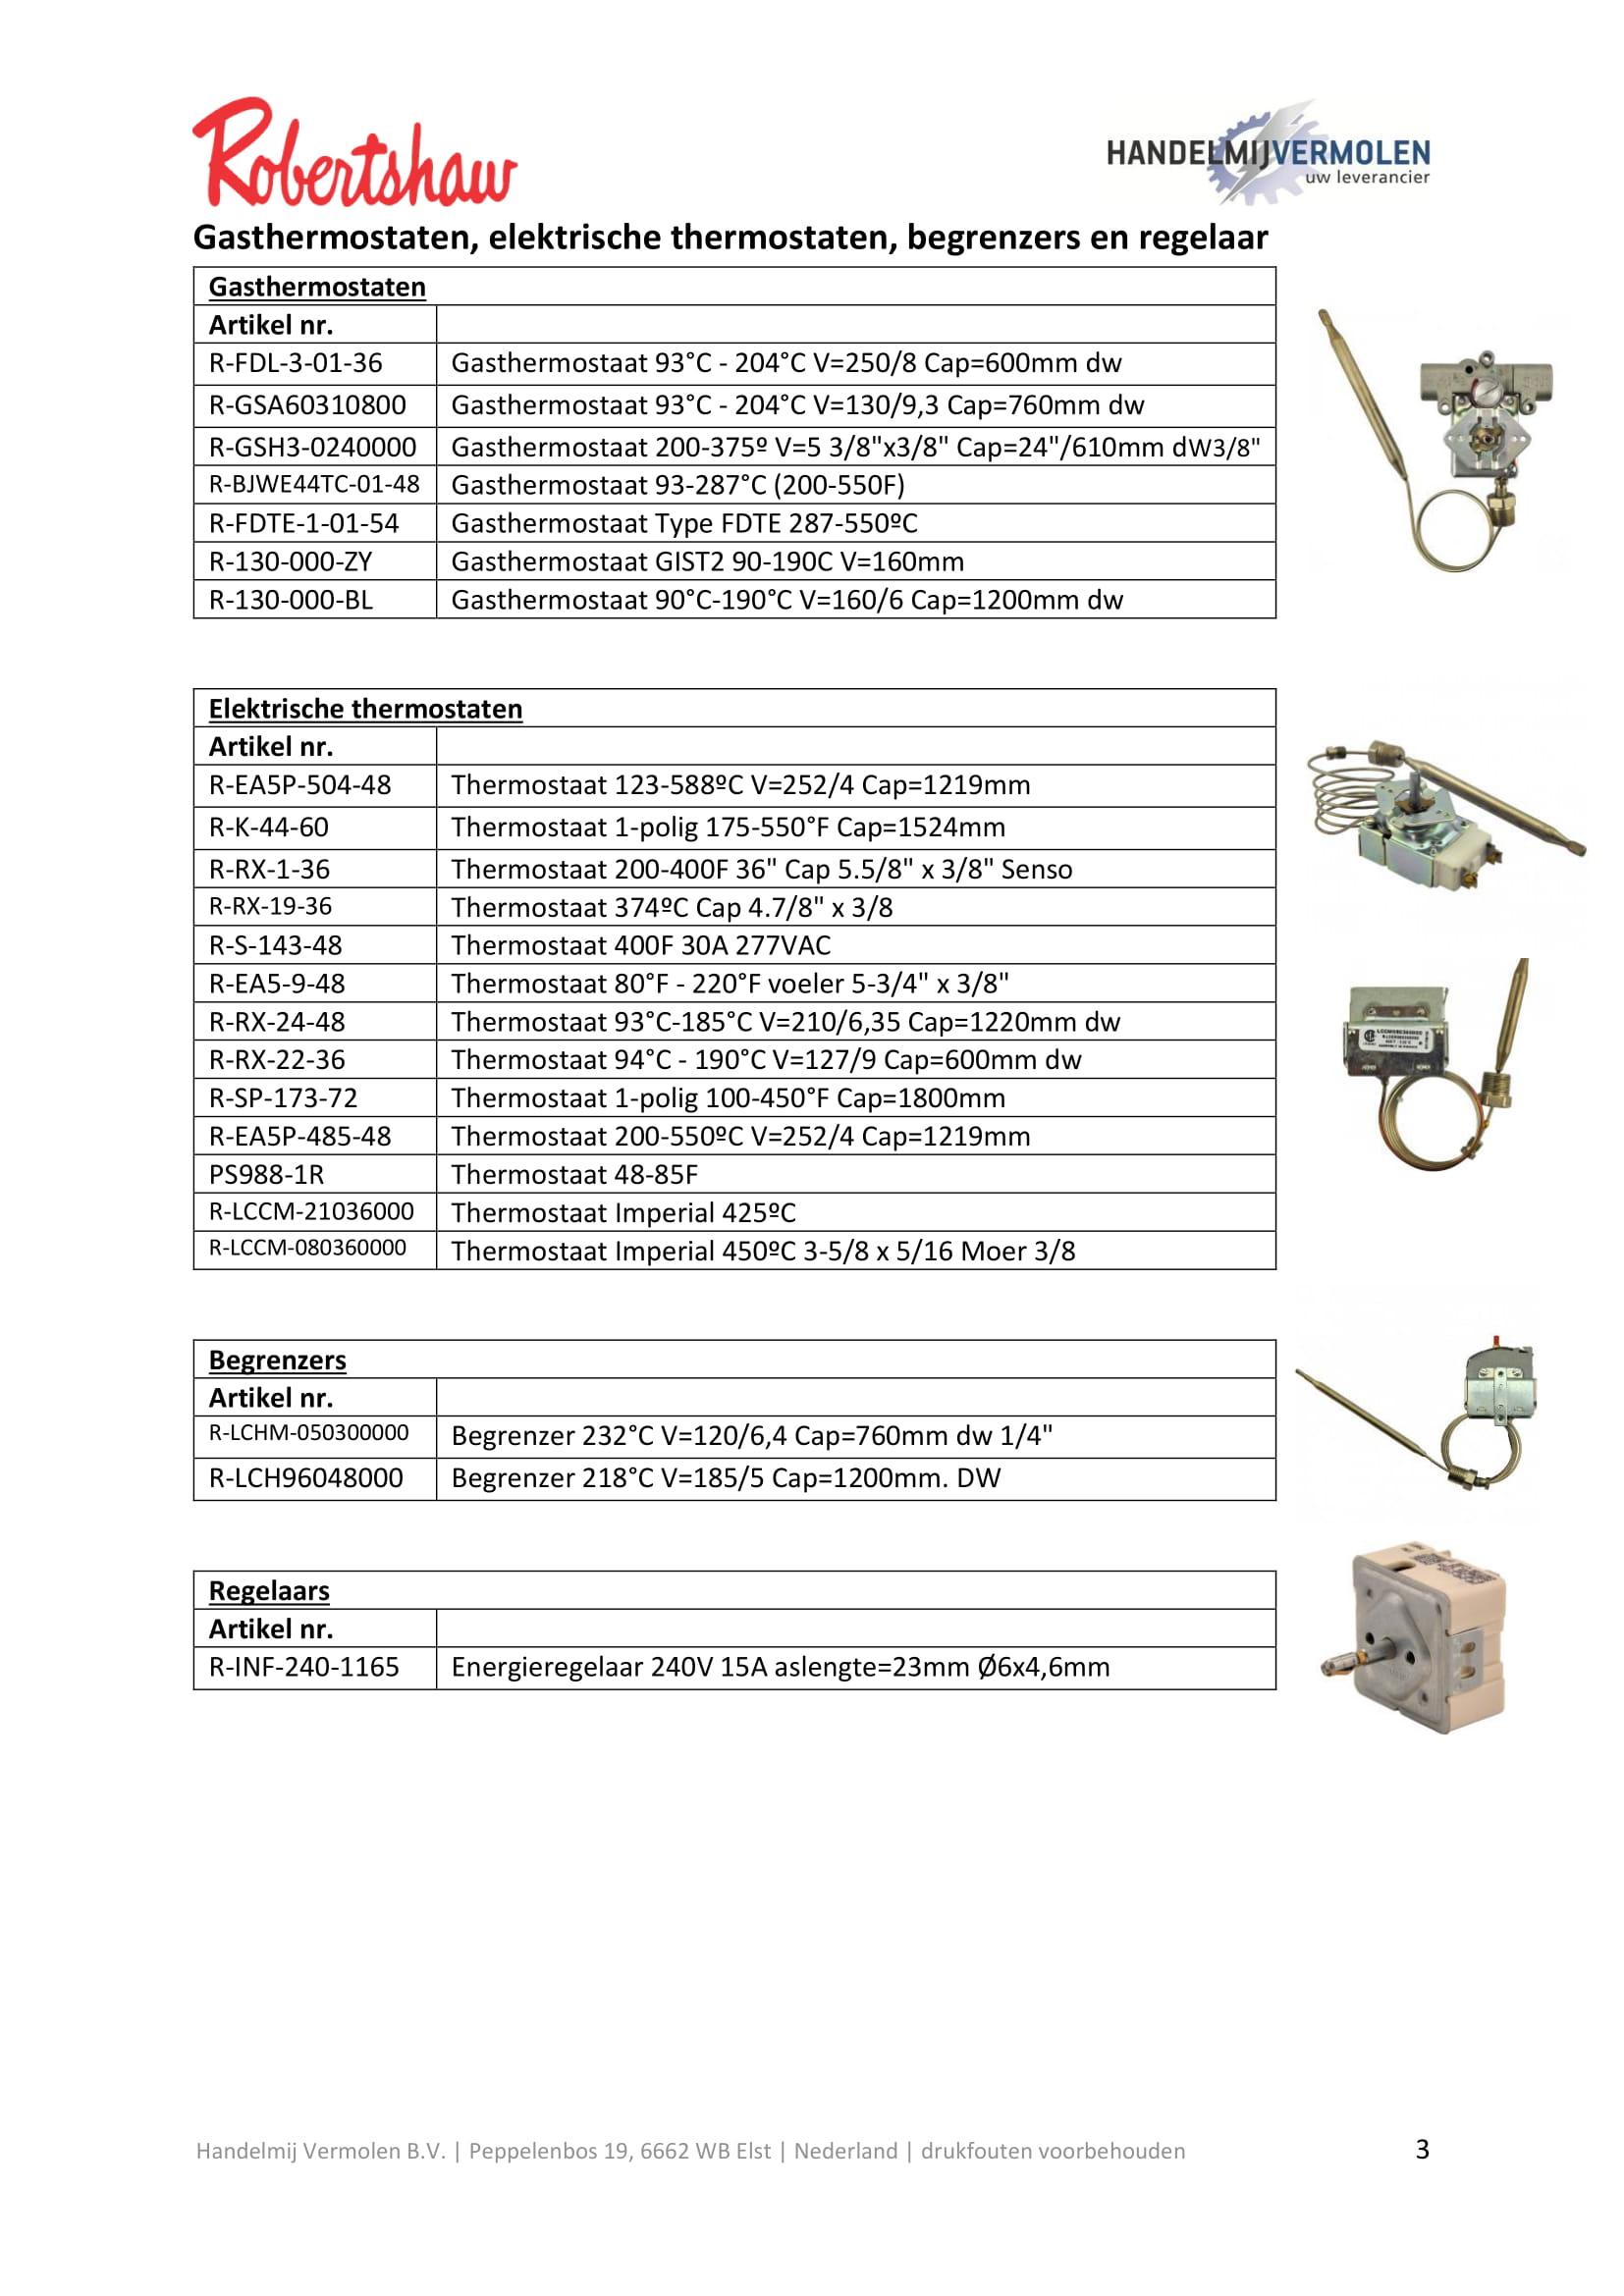 Robertshaw_productlijst_2021-4